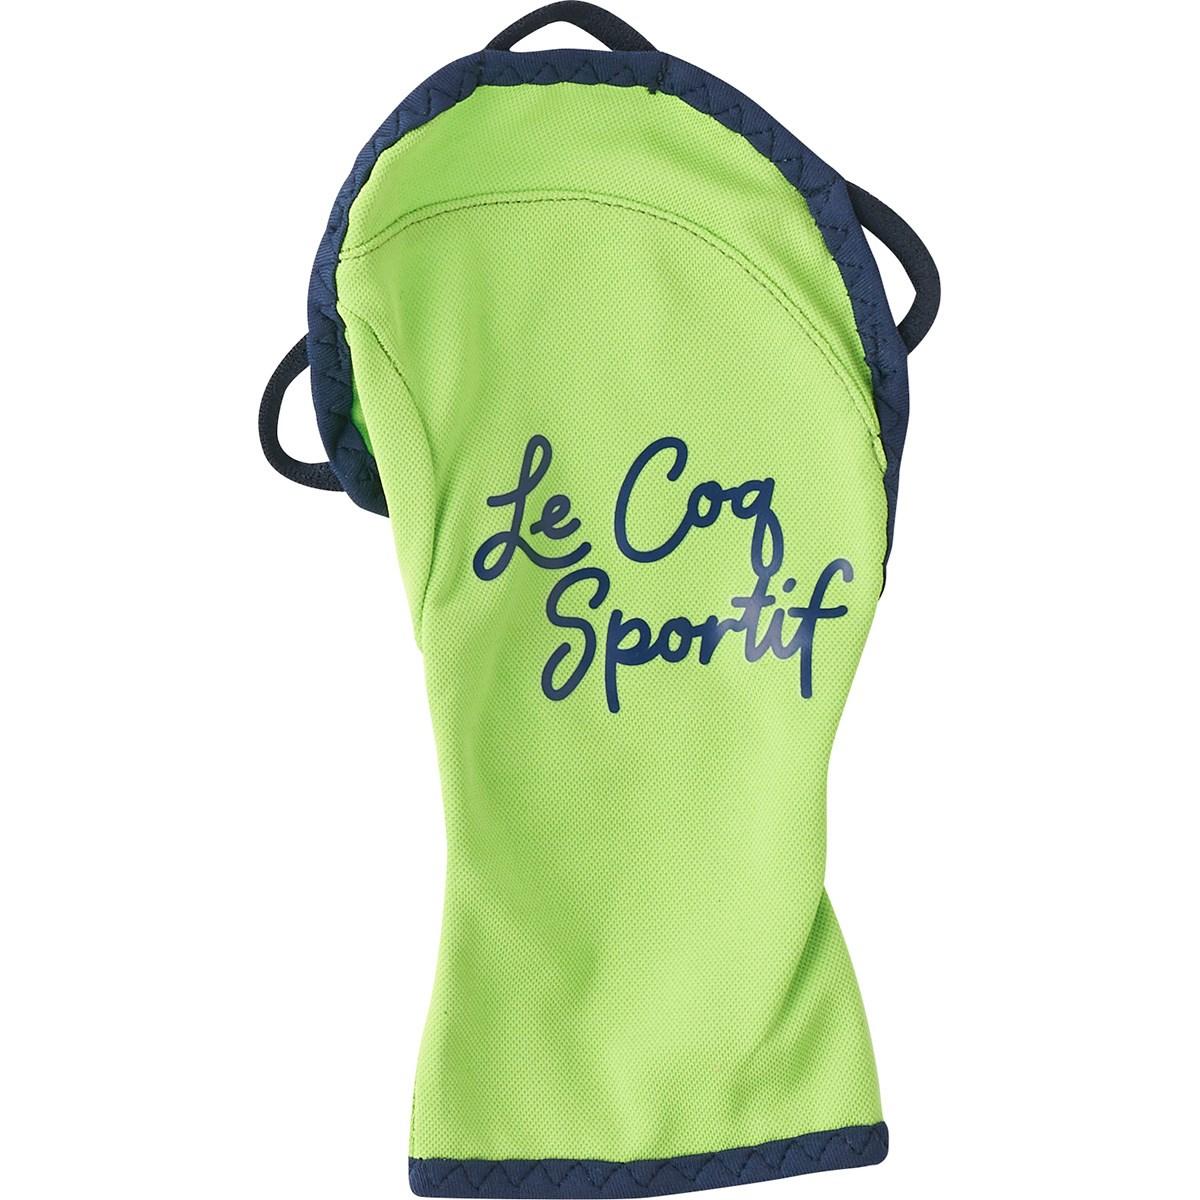 ルコックゴルフ Le coq sportif GOLF クーリストUVハンドカバー 右手用 フリー 右手用 グリーン 00 レディス